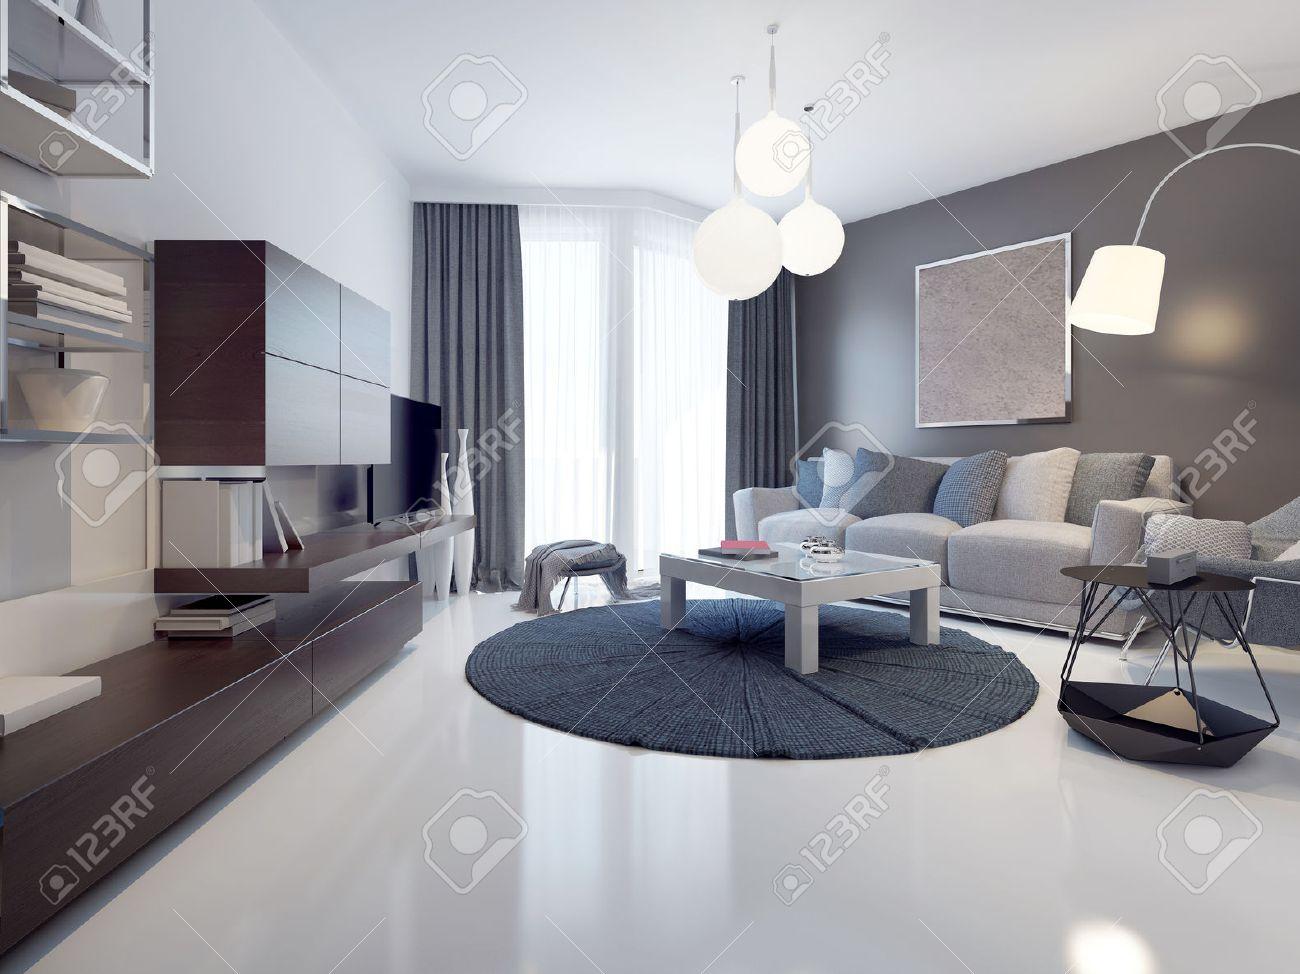 Idée de salon contemporain. Les murs blancs et gris, plancher en béton  blanc poli et vernis. Du sol au plafond, des fenêtres panoramiques. 3D  render